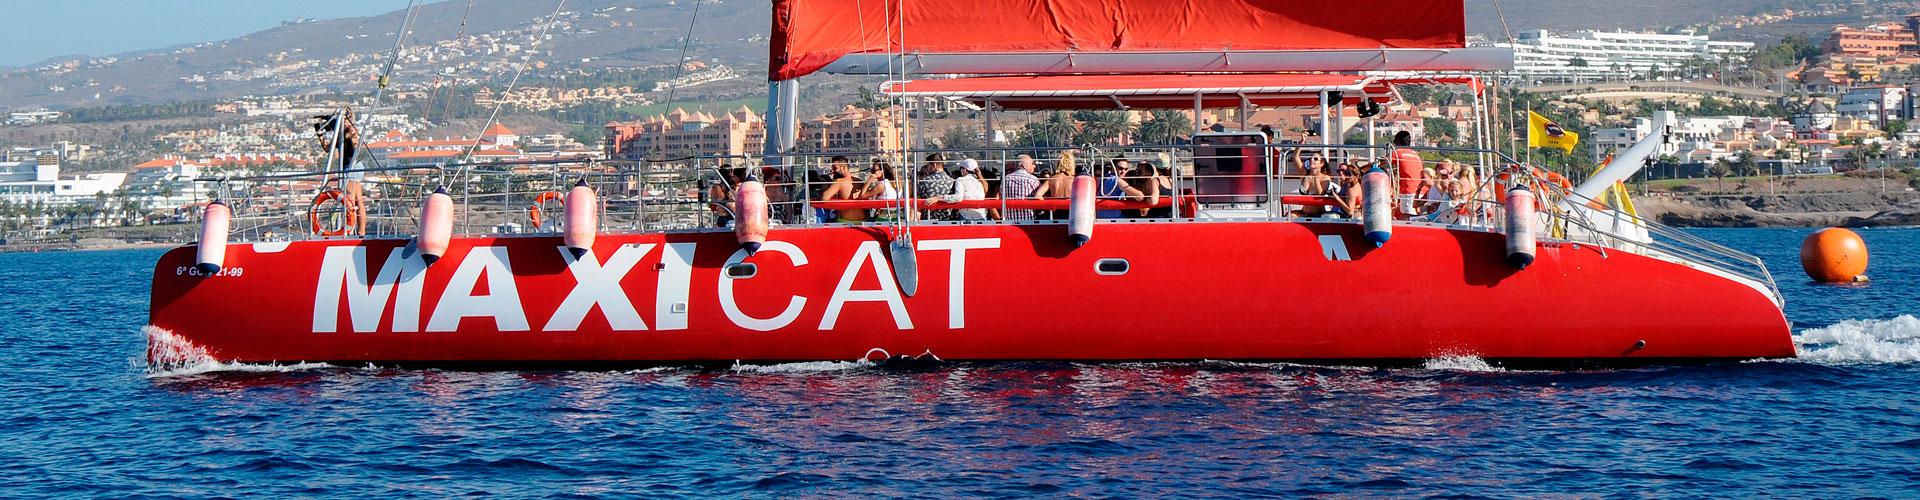 Catamaran Maxicat